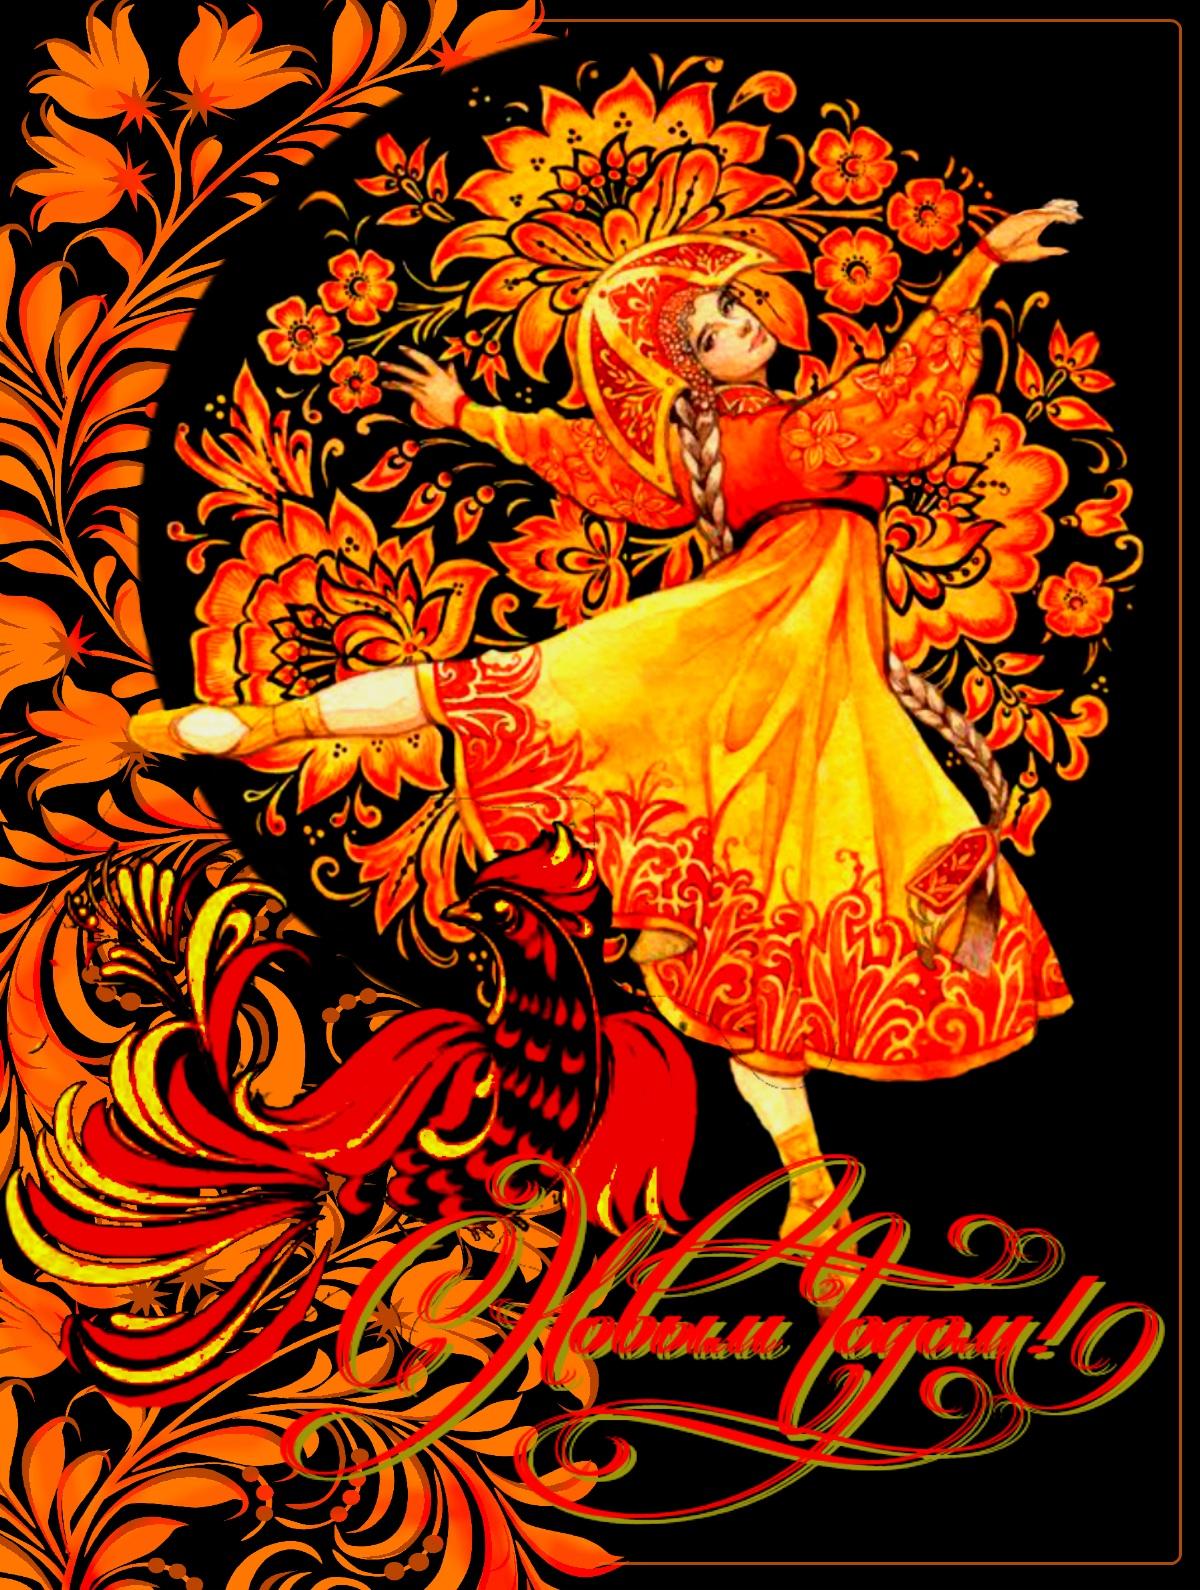 гайзидорская фото открытка с днем рождения в русском стиле четвёртая очереди